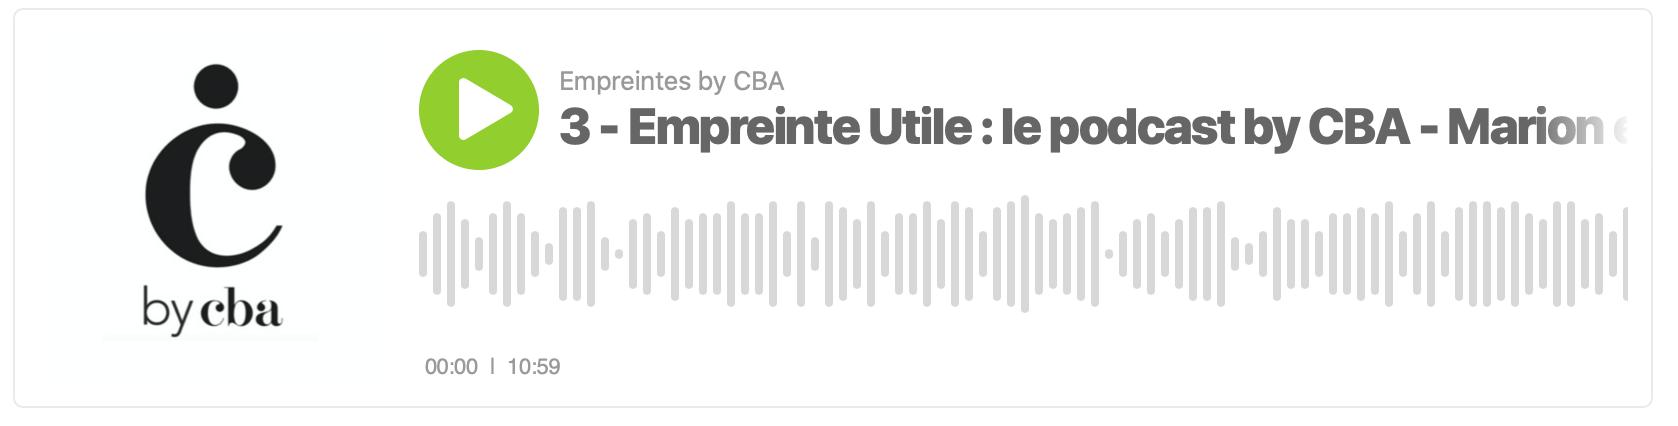 Capture d'écran 2020 03 18 à 17.05.55 - Pour nourrir demain dans Empreinte Utile, le podcast de CBA